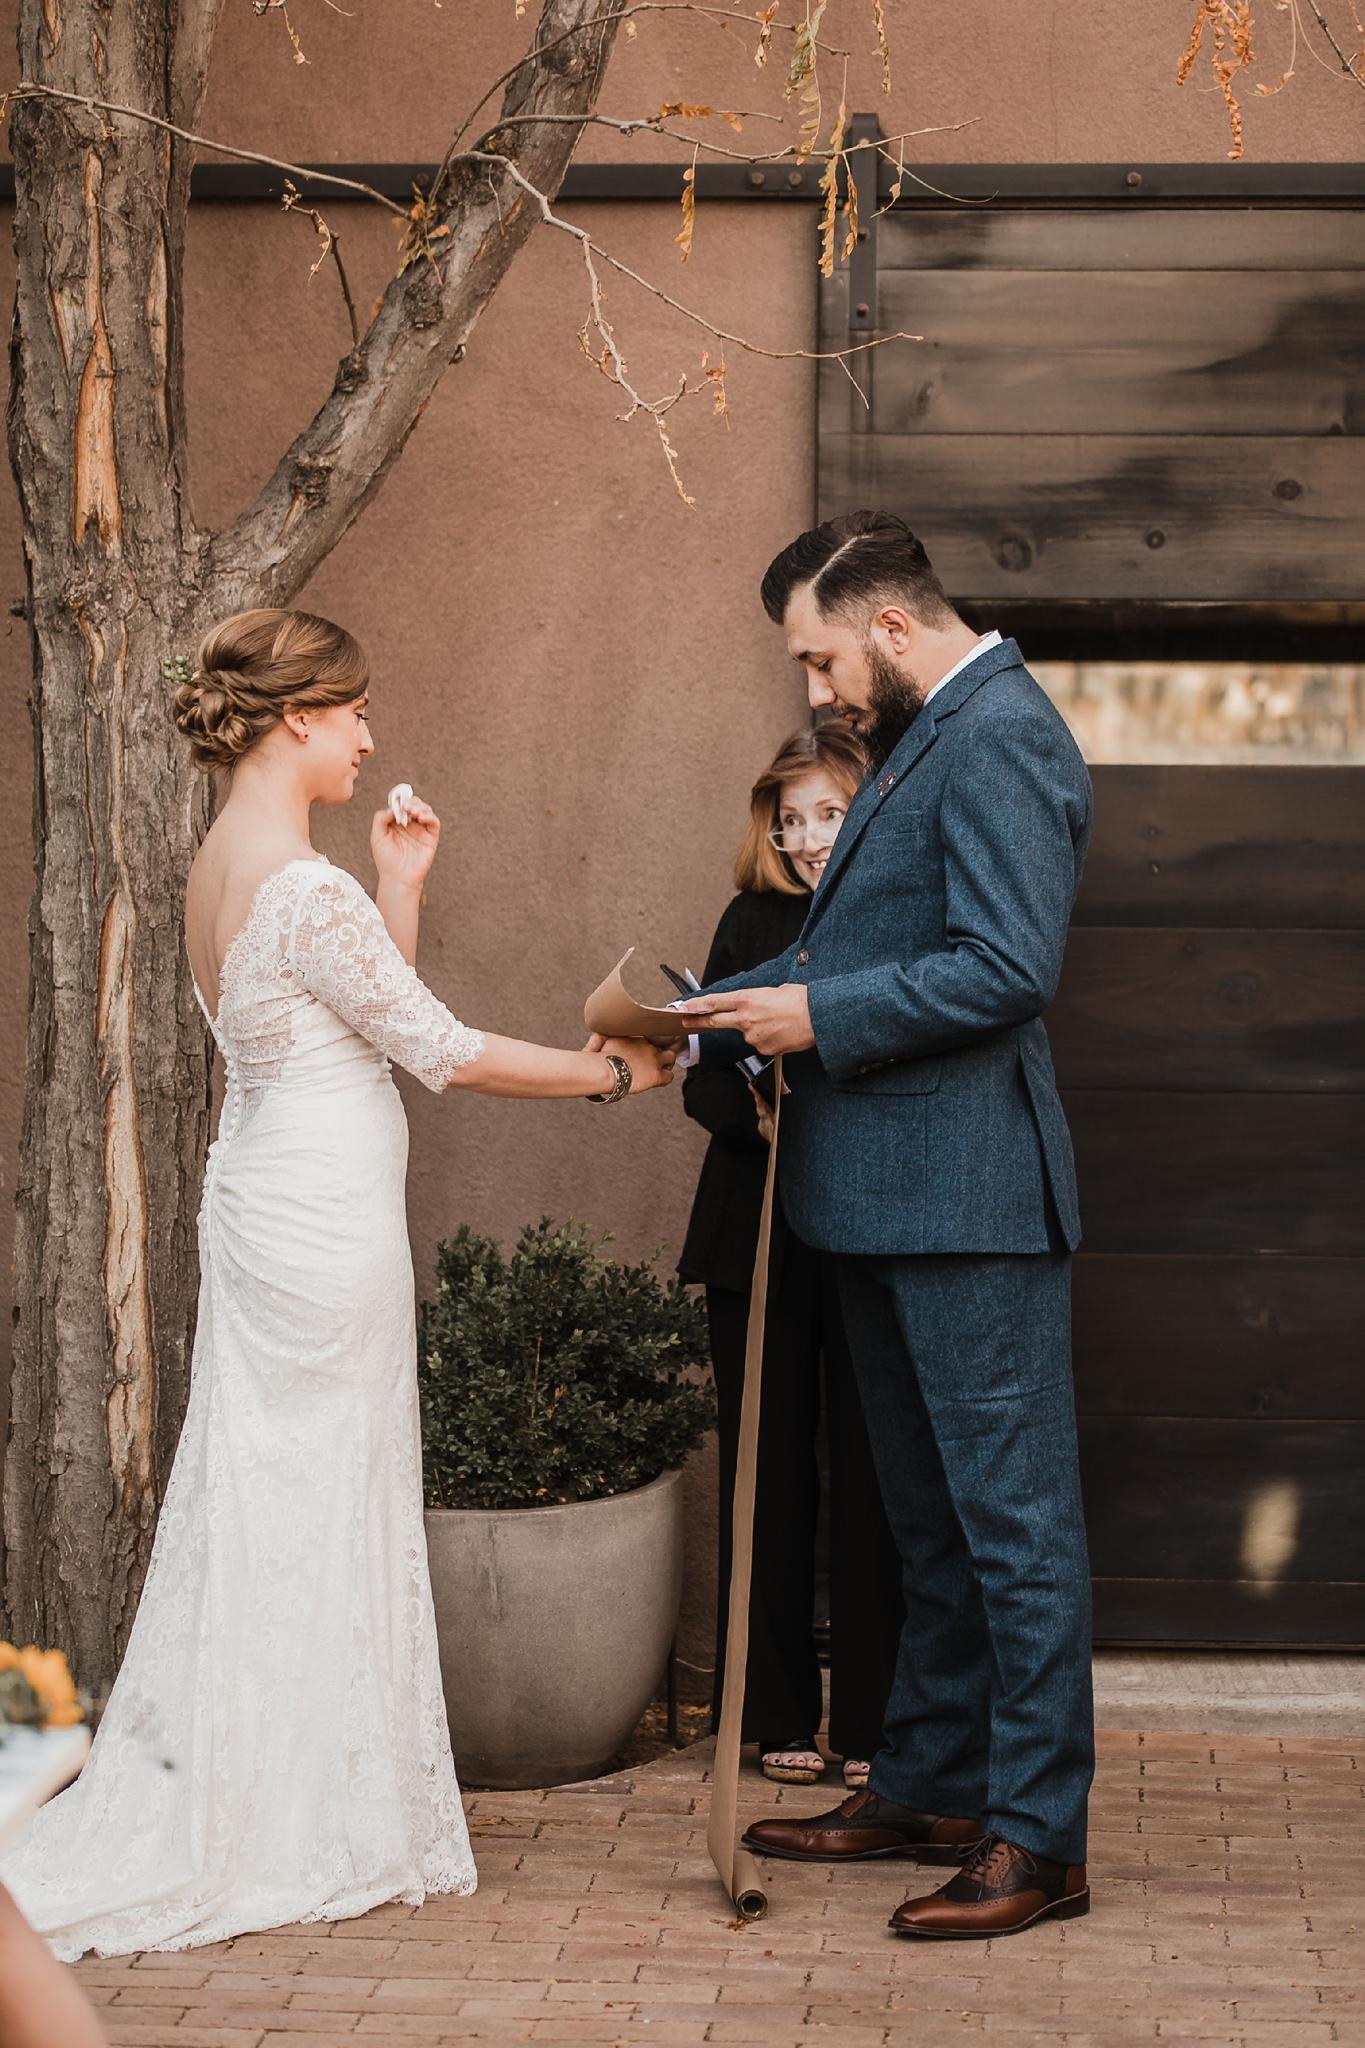 Alicia+lucia+photography+-+albuquerque+wedding+photographer+-+santa+fe+wedding+photography+-+new+mexico+wedding+photographer+-+new+mexico+wedding+-+wedding+vows+-+writing+your+own+vows+-+wedding+inspo_0023.jpg